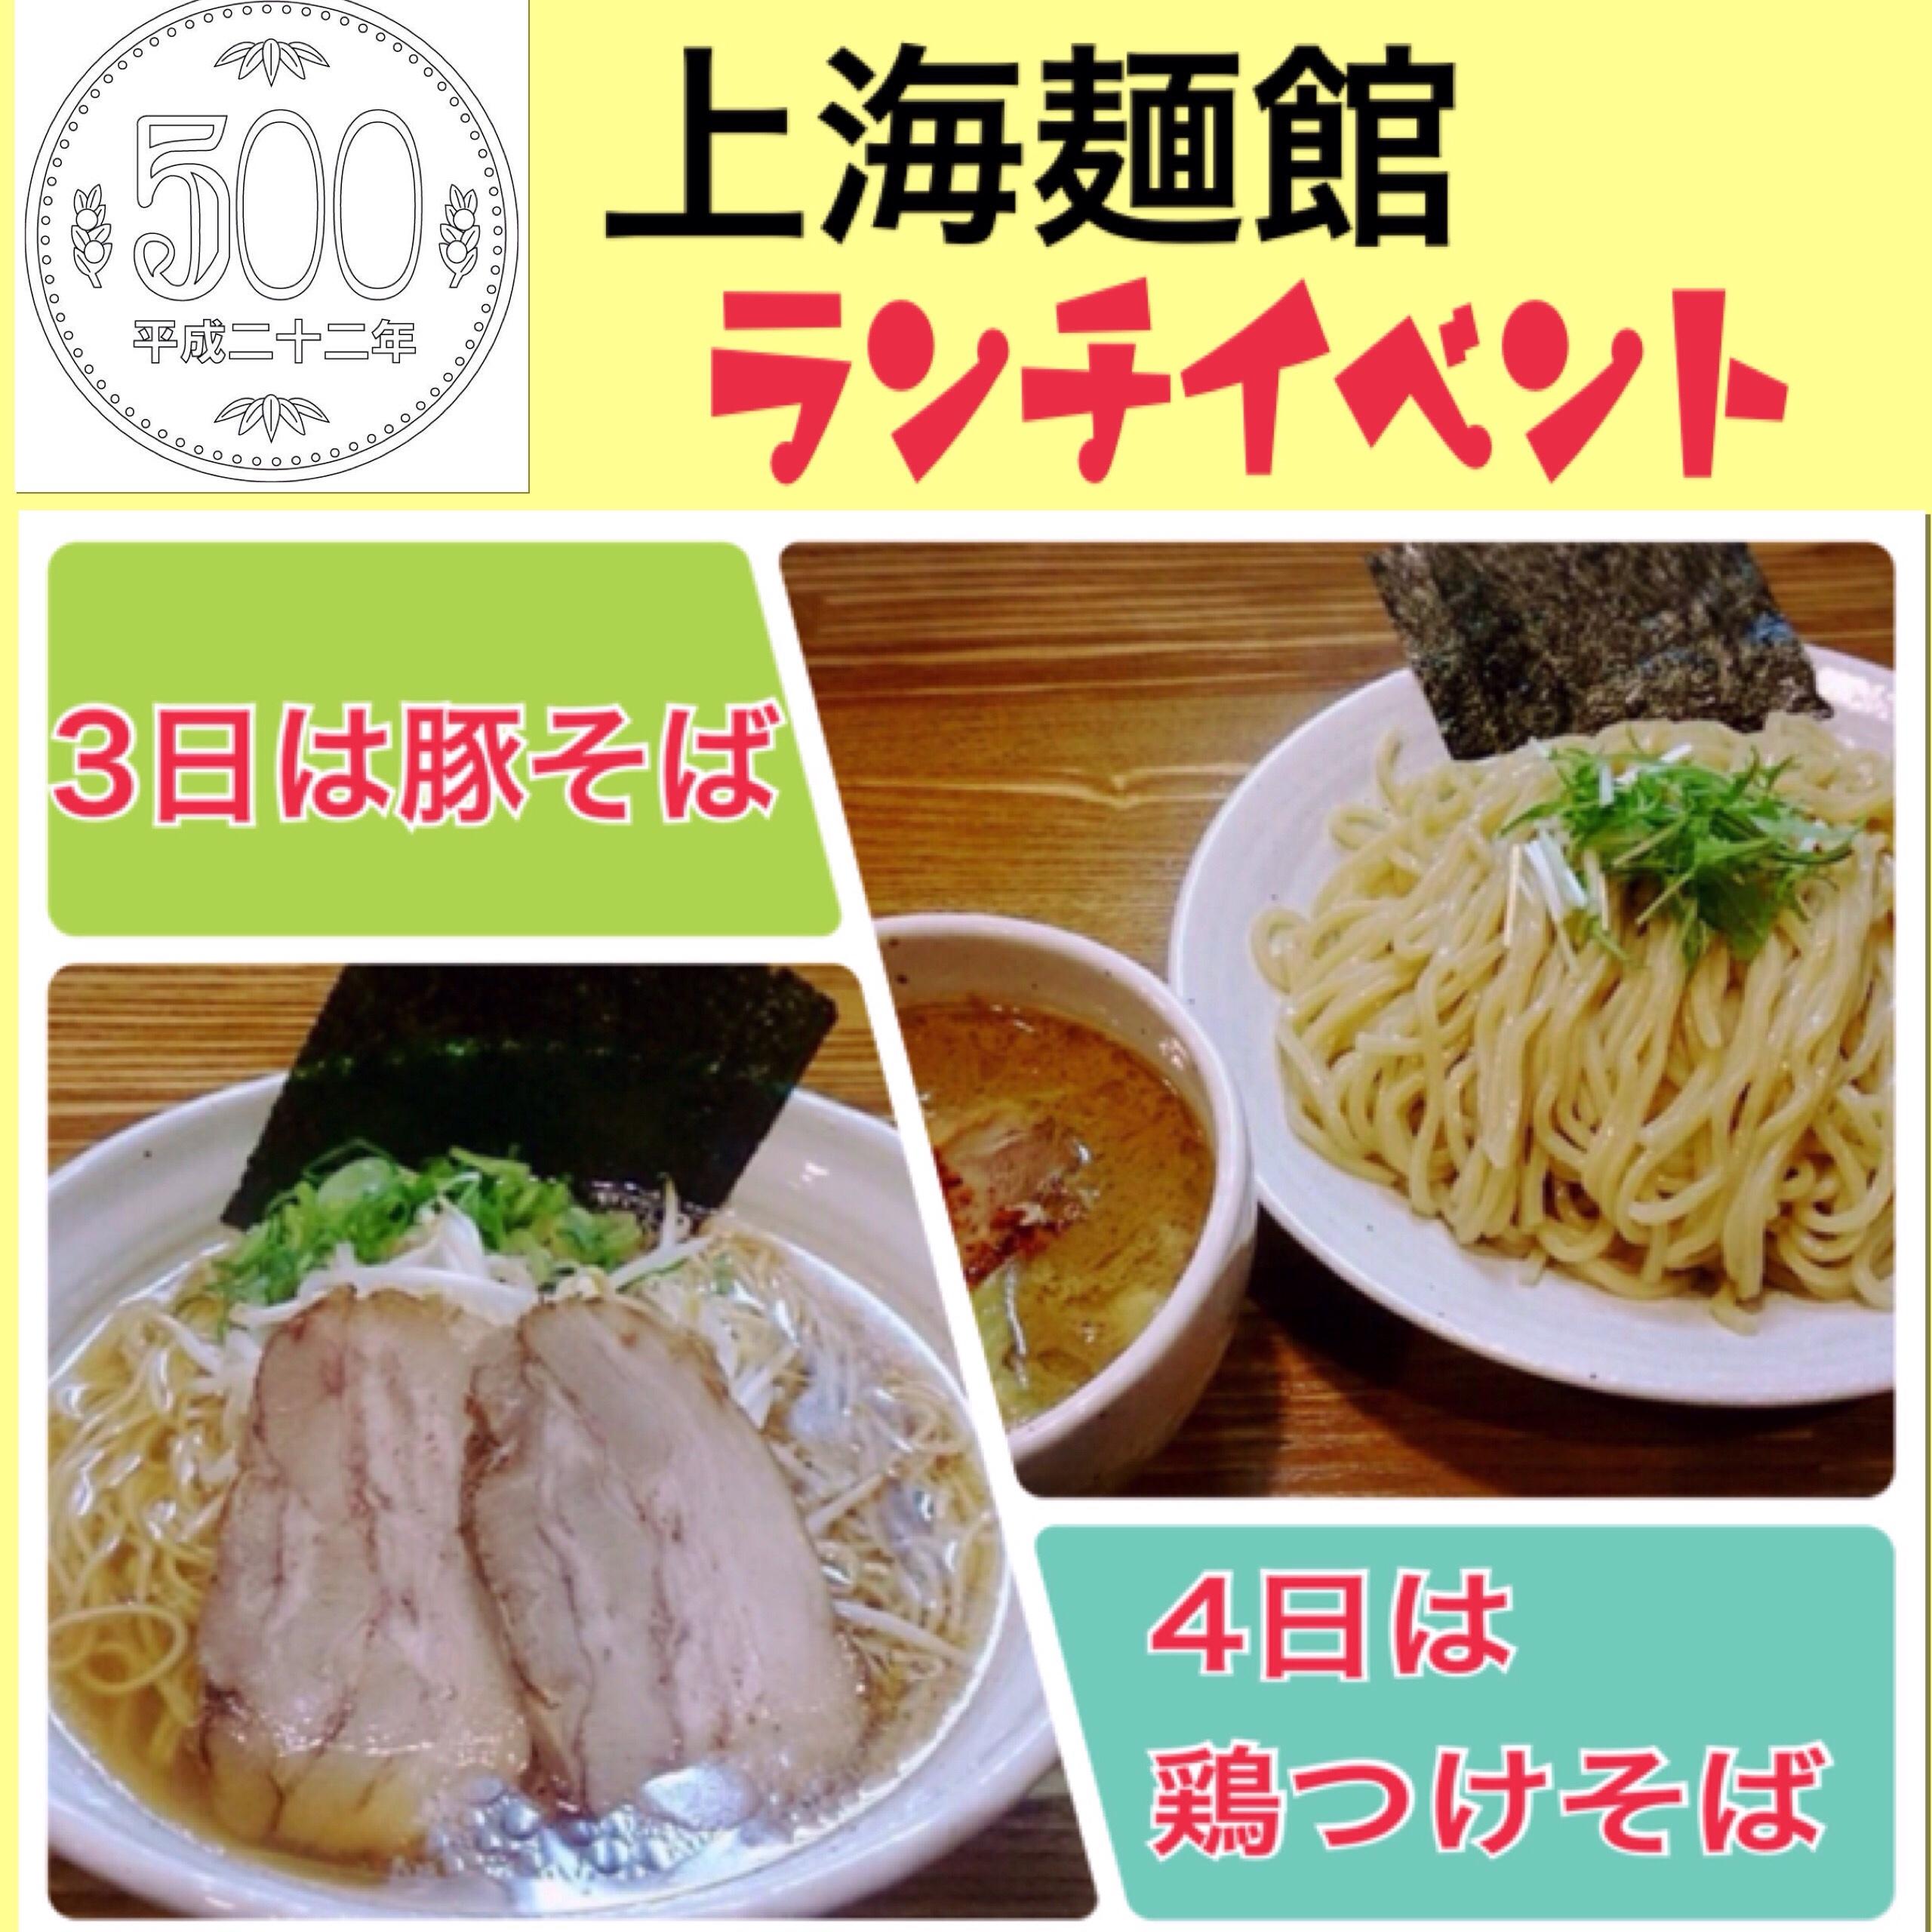 上海麺館 中野区中野5−63−4500円ランチイベント告知いらすと